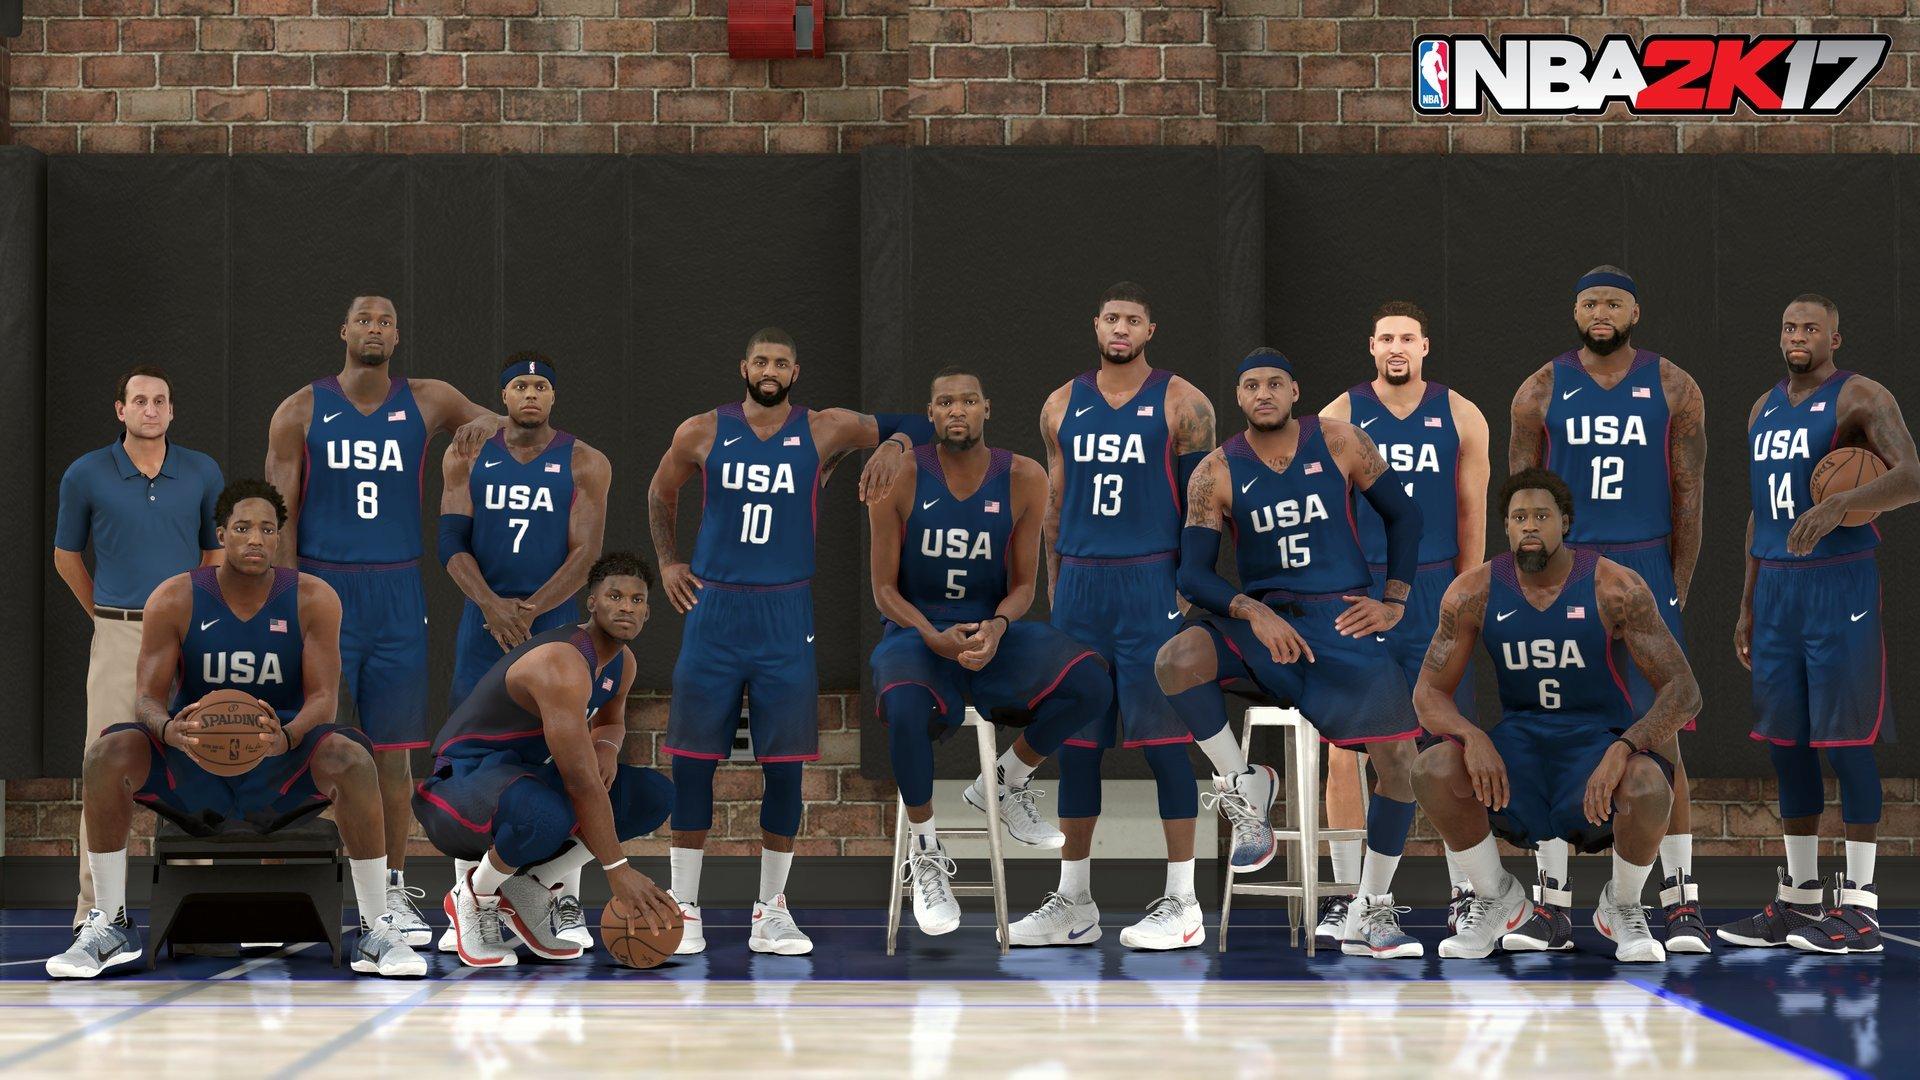 《NBA 2K17》美国国家队阵容照